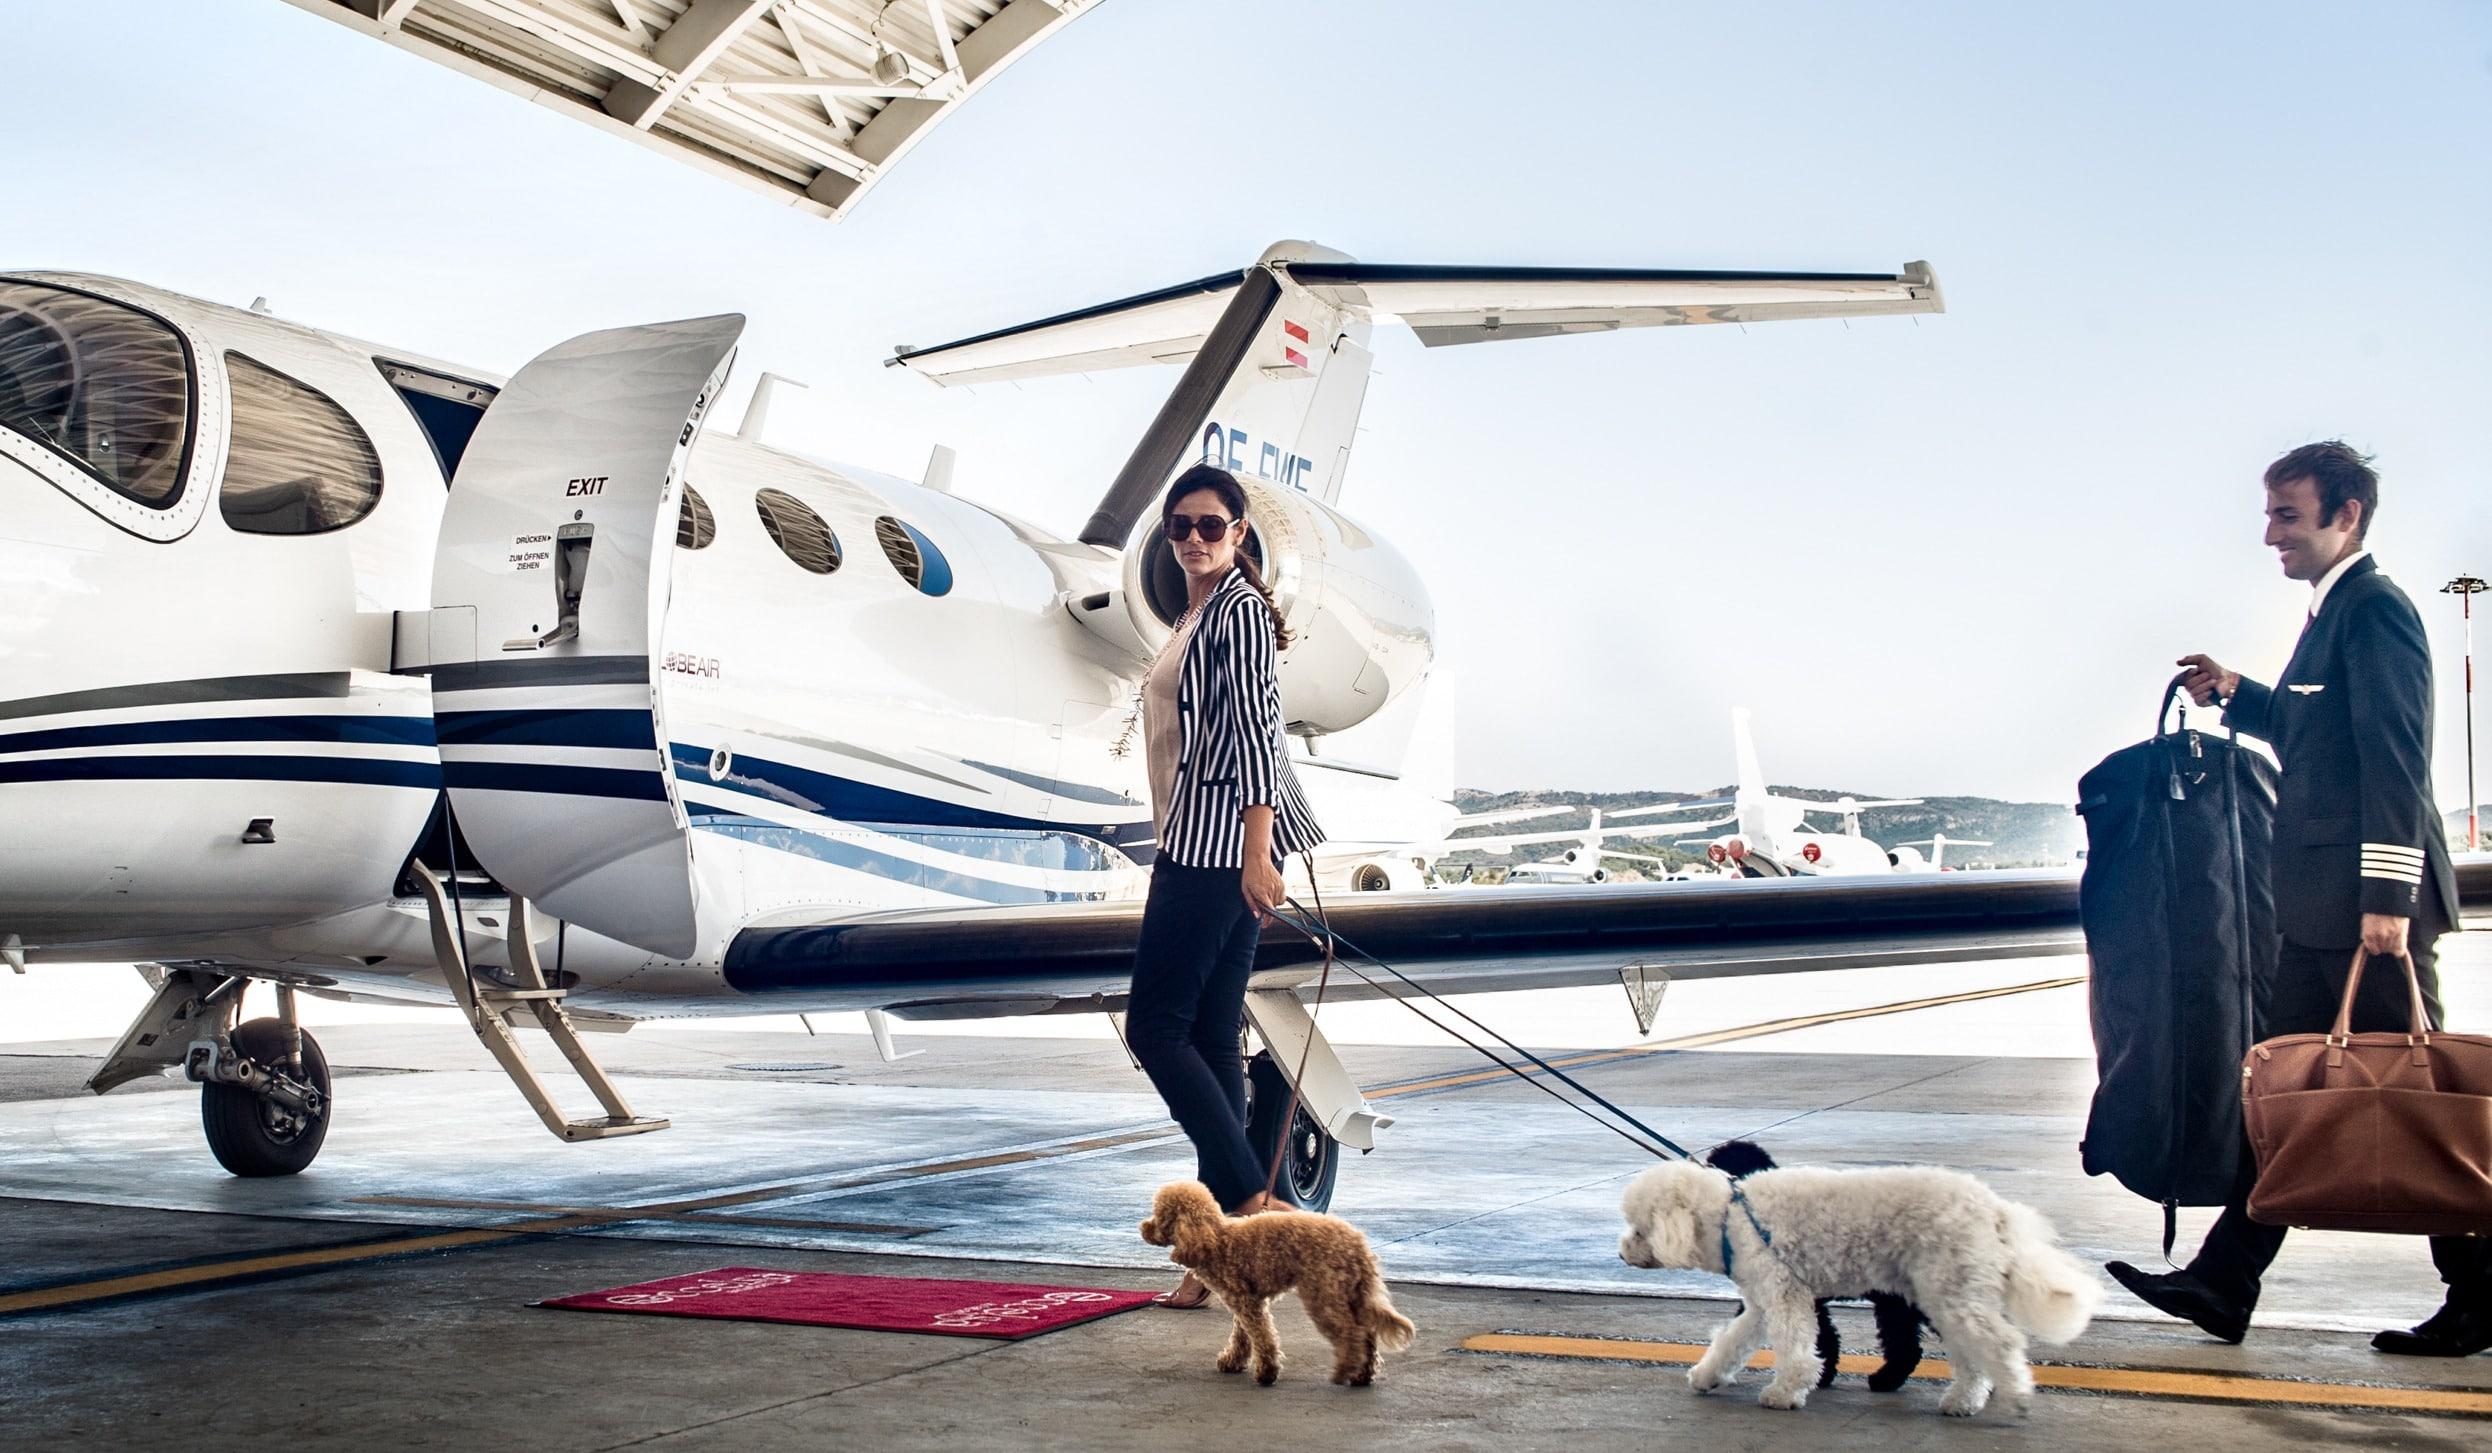 chien et jet privé mustang dans le hangar